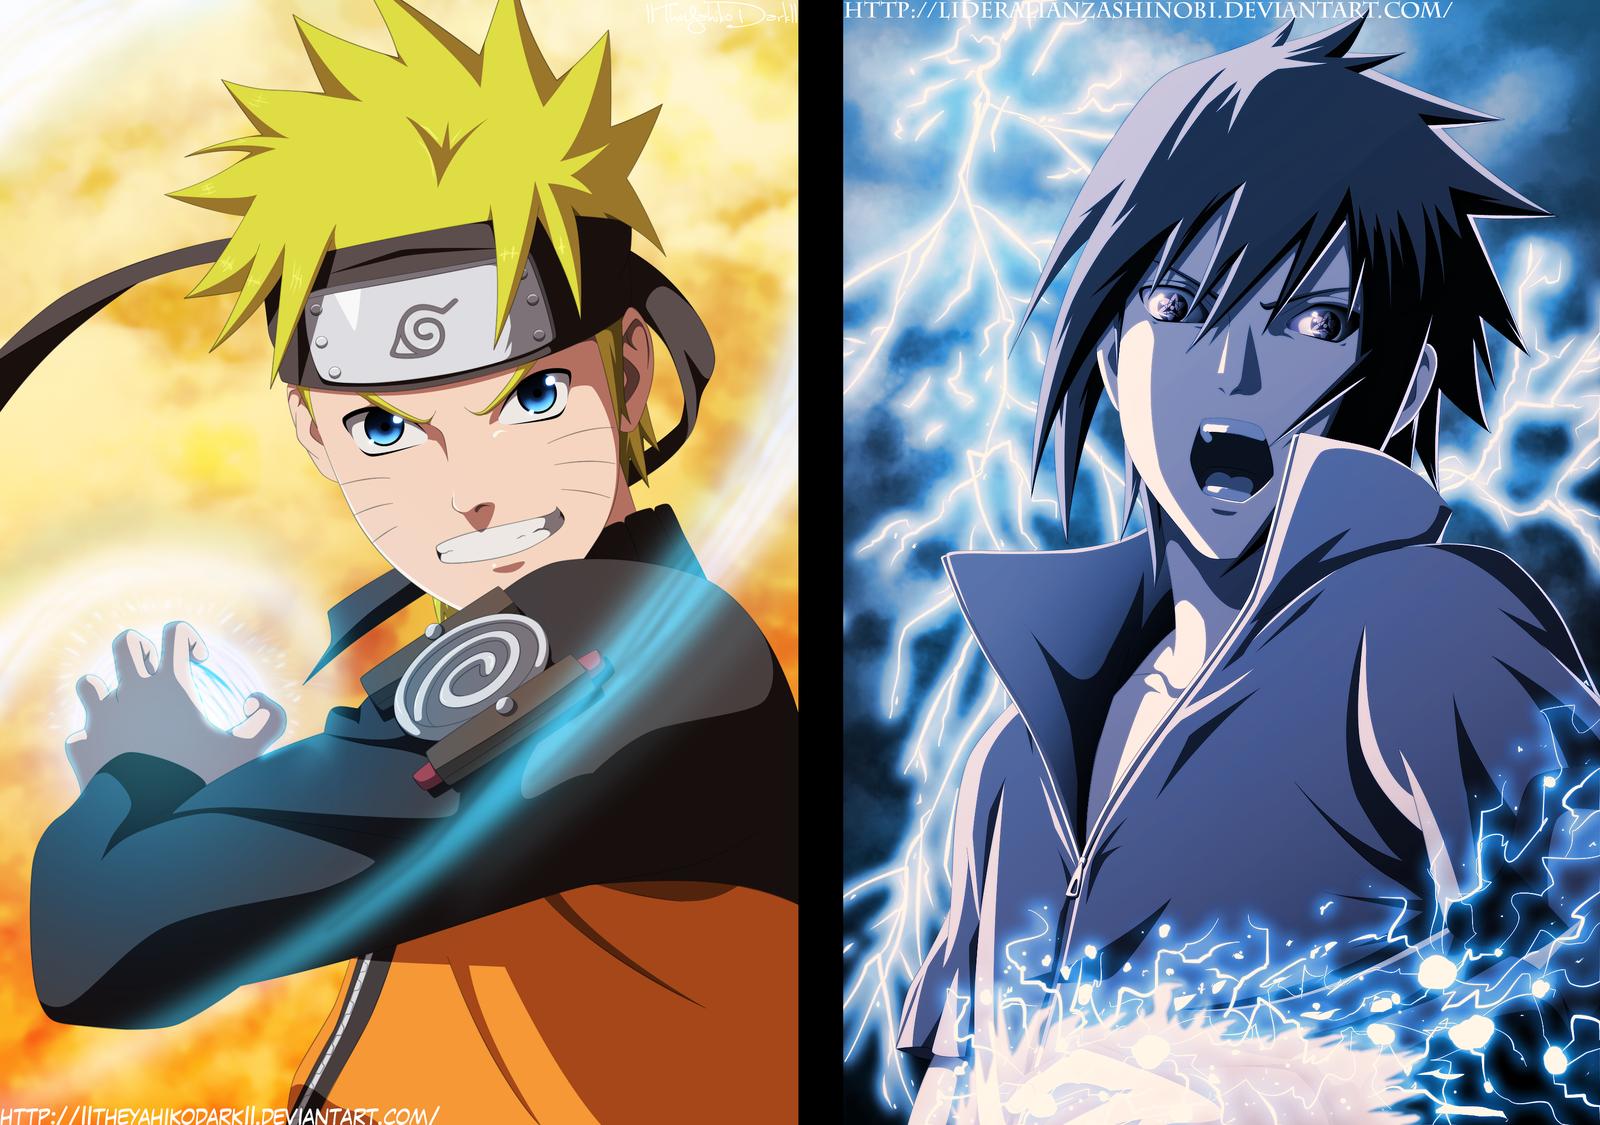 naruto and sasuke vs dr strange - Battles - Comic Vine